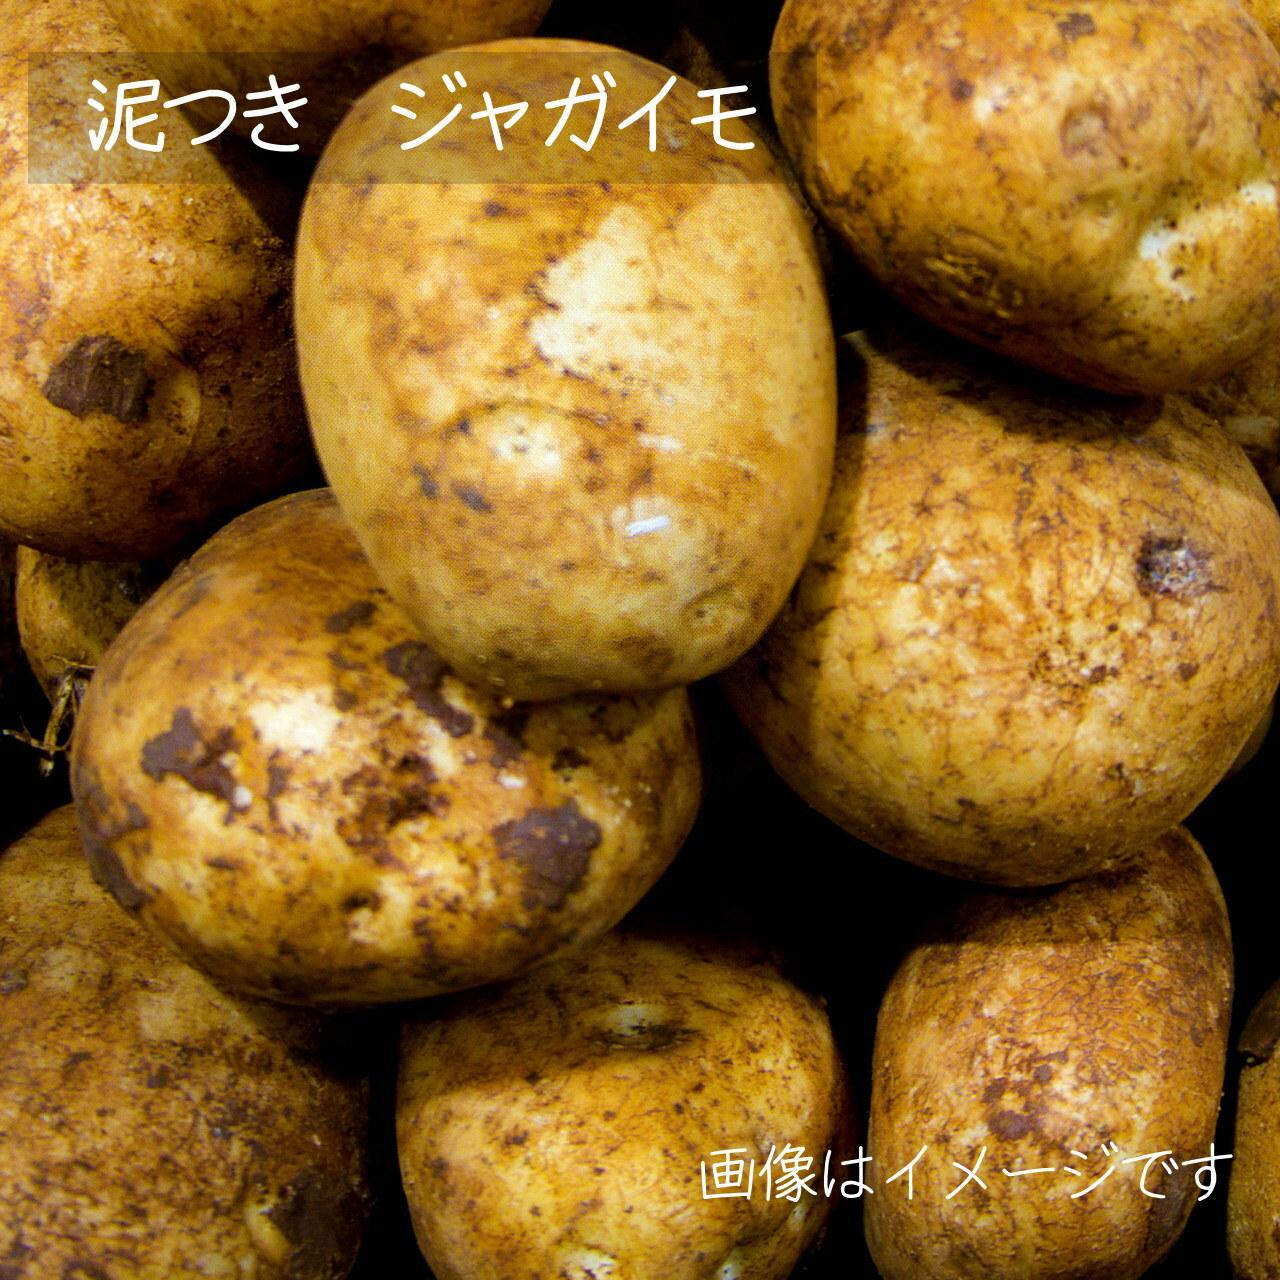 朝採り直売野菜 ジャガイモ 4~5個 4月20日発送予定